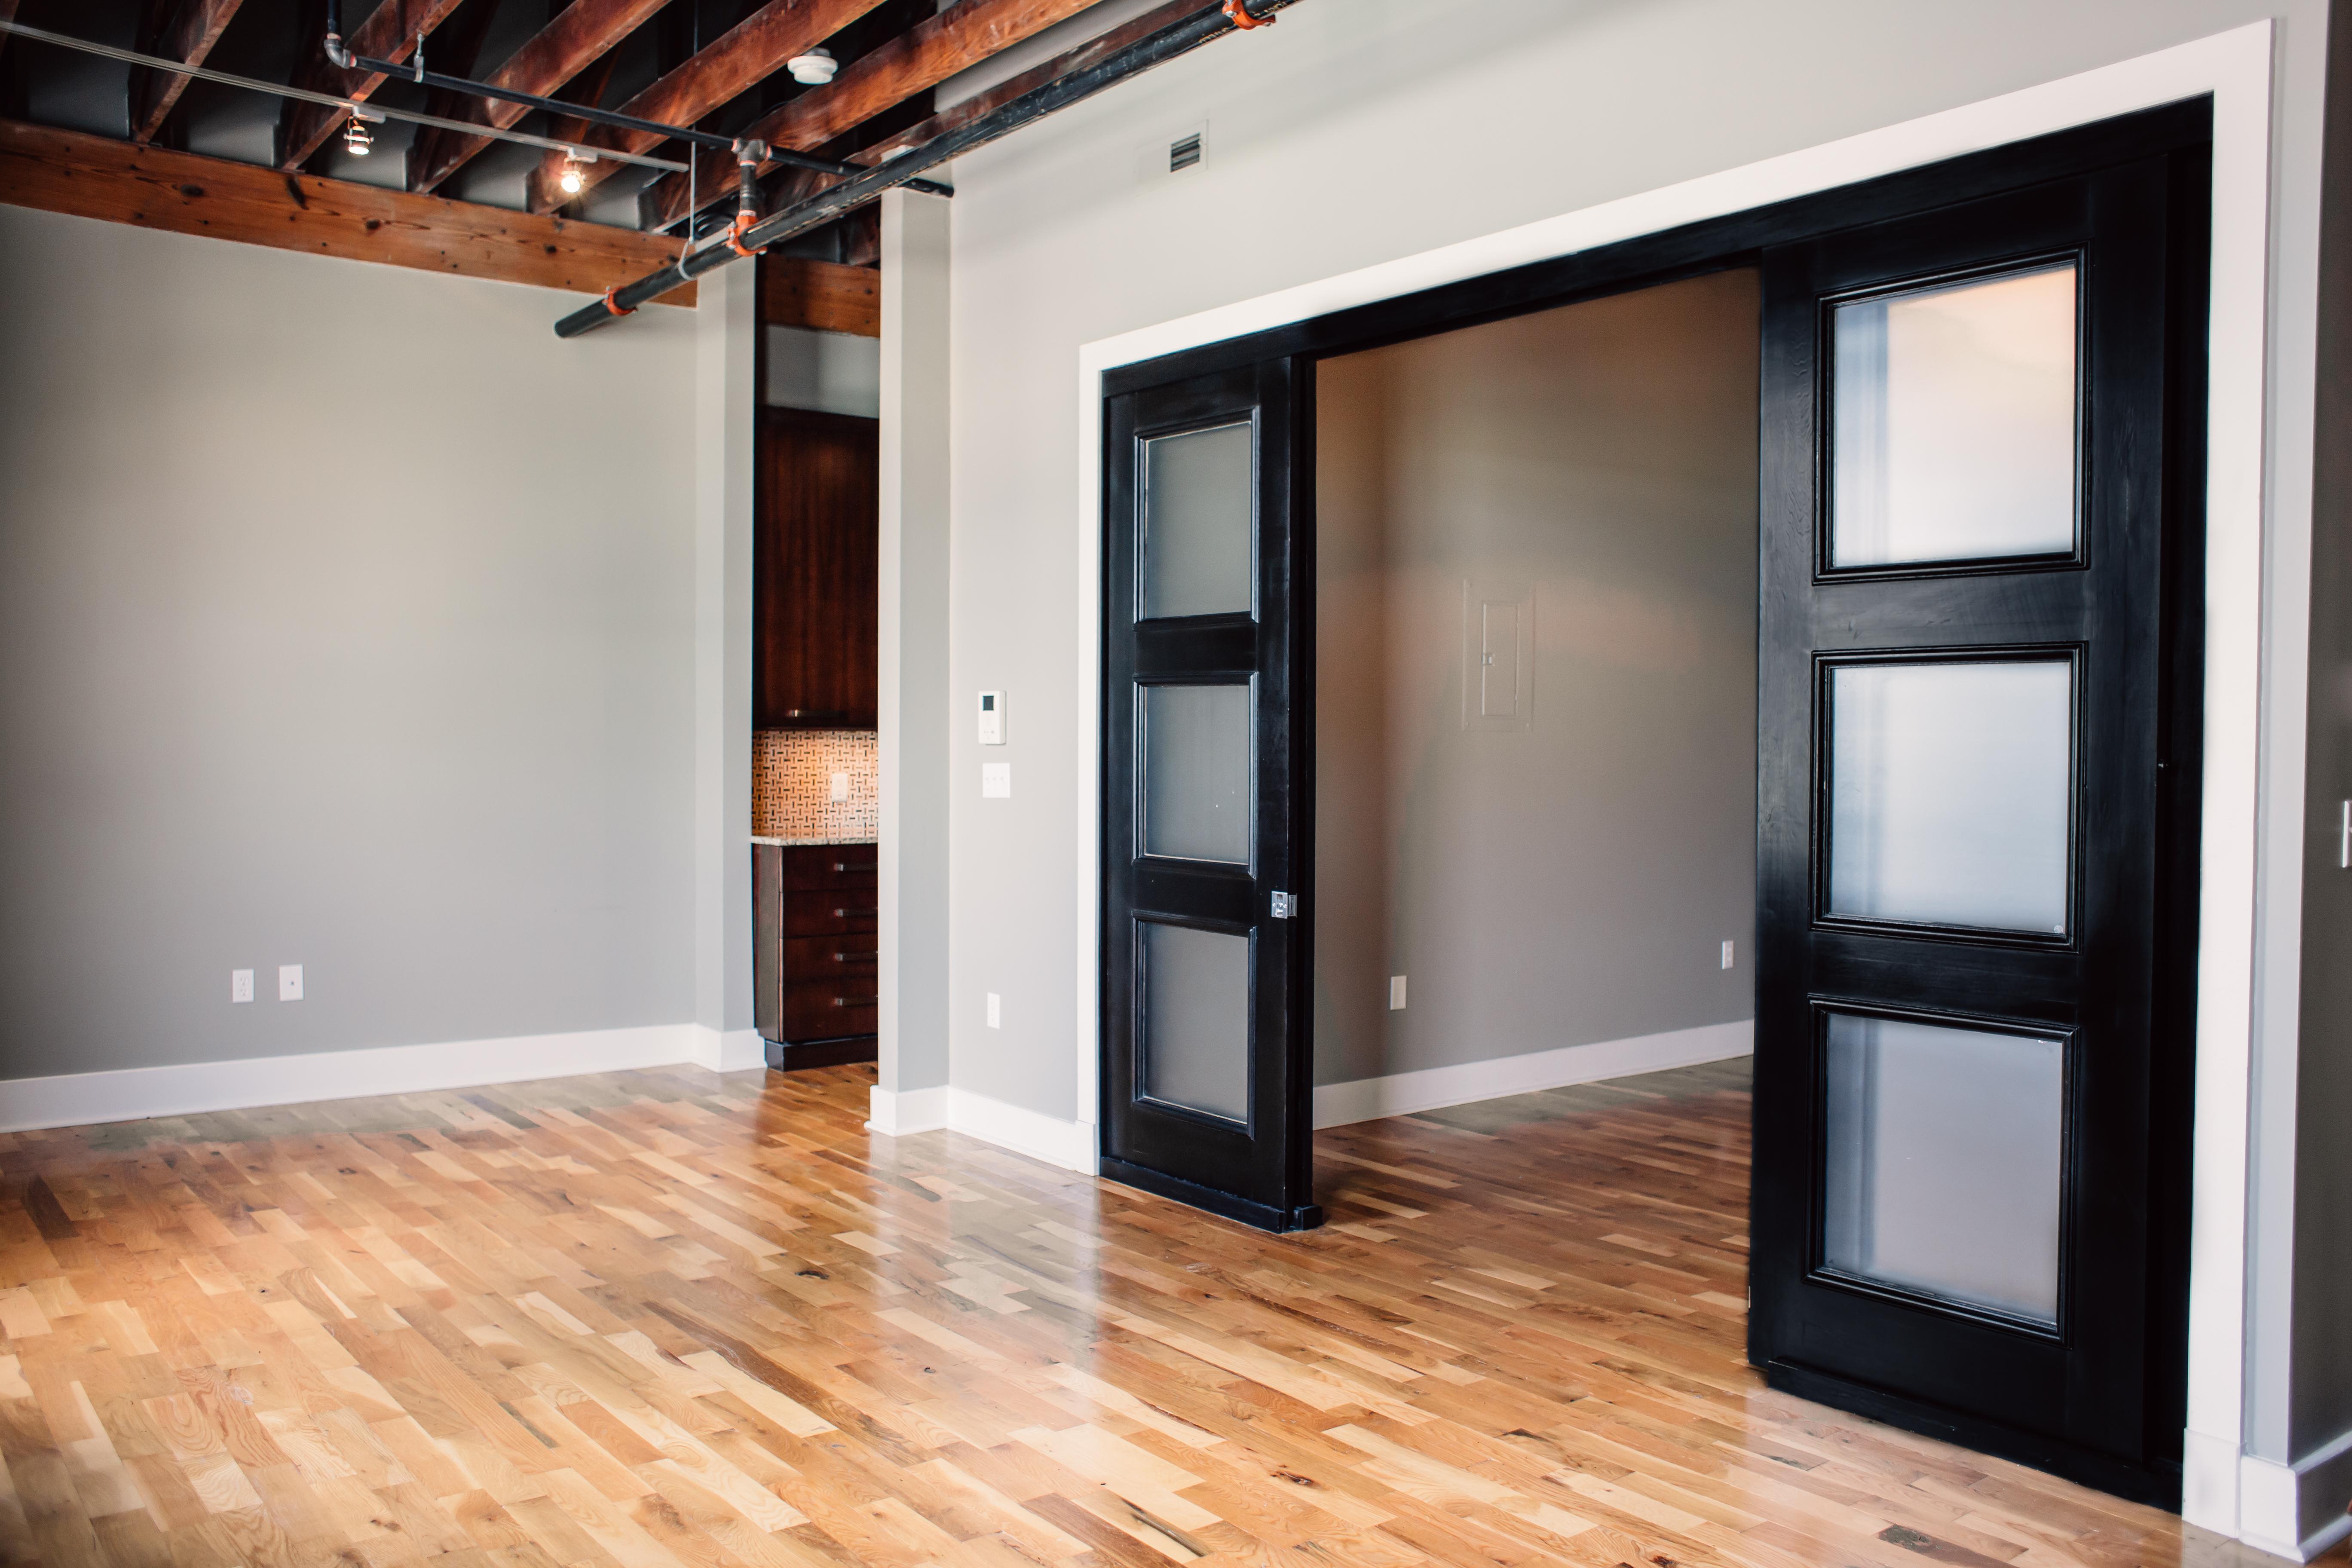 Loft 2f main room opposite direction